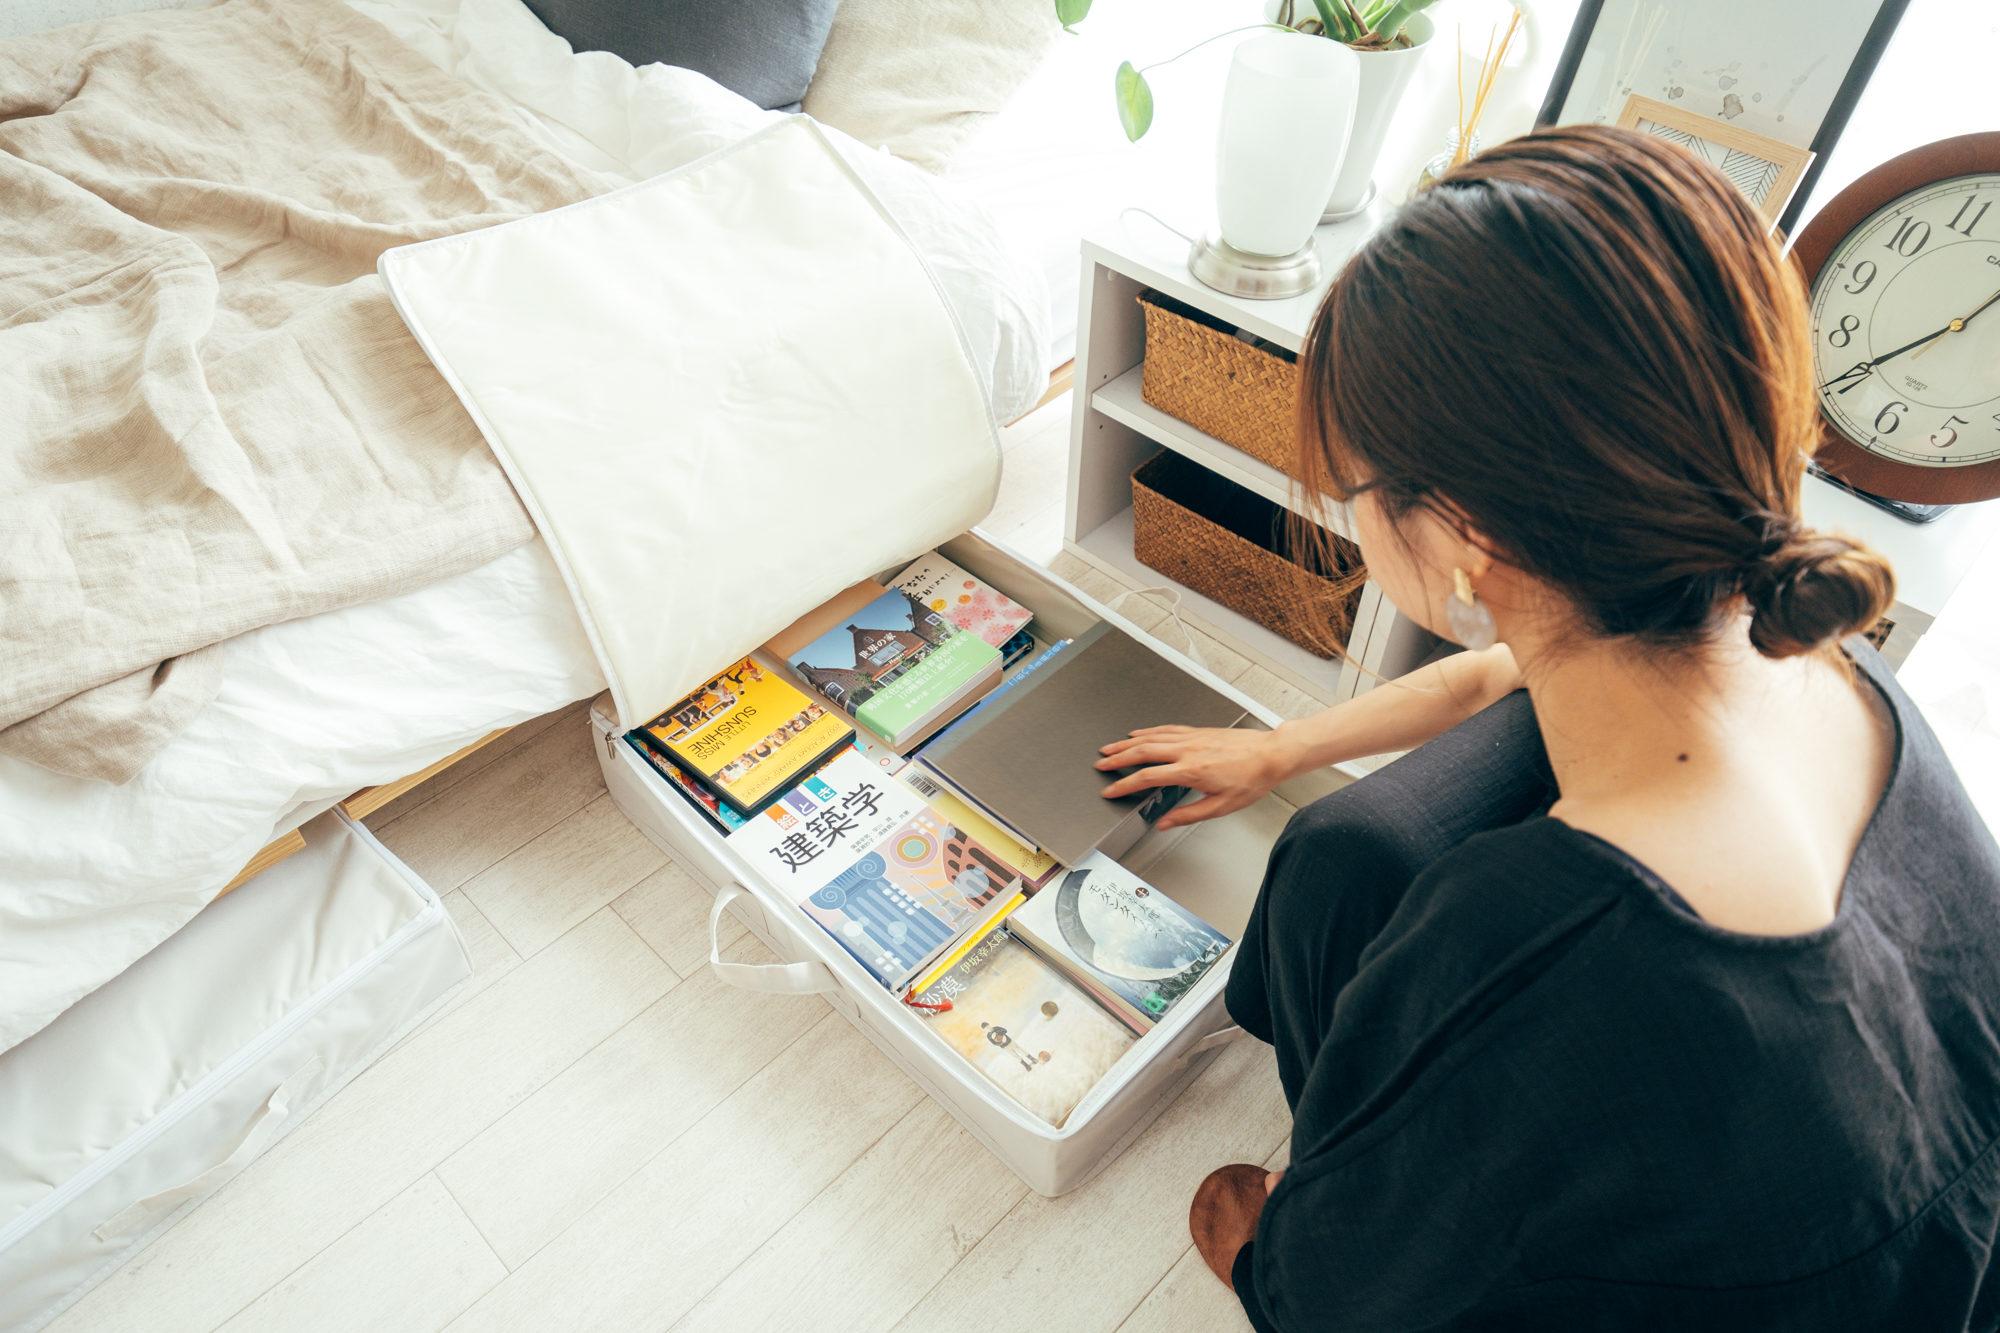 表には出しすぎないよう、ベッド下も収納として有効活用。